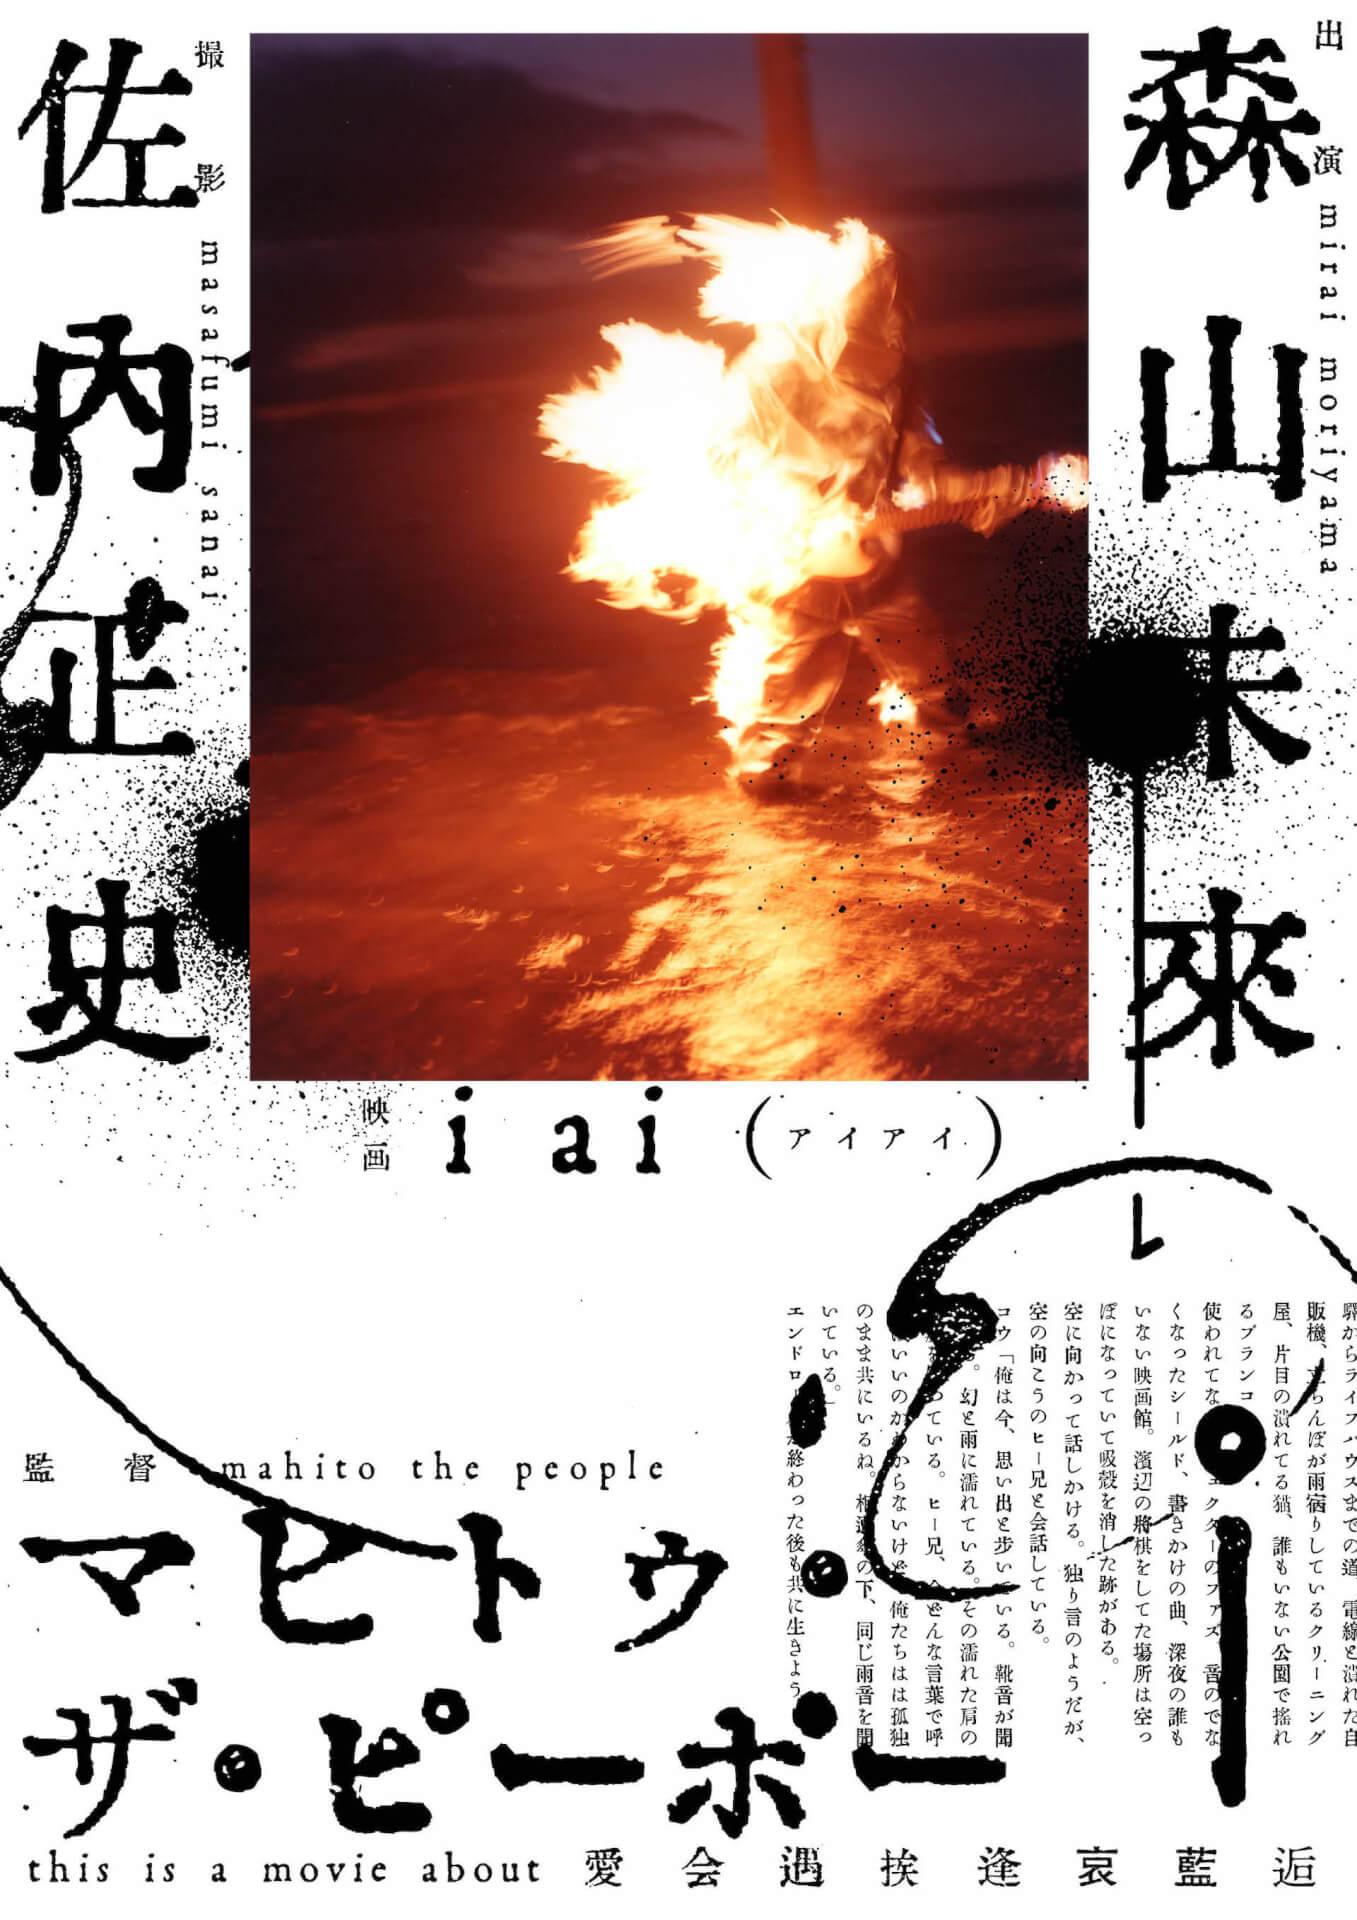 GEZANマヒトゥ・ザ・ピーポー初監督作『i ai』の製作が発表!主演に森山未來が決定&クラウドファンディングも始動 film210616_i_ai_1